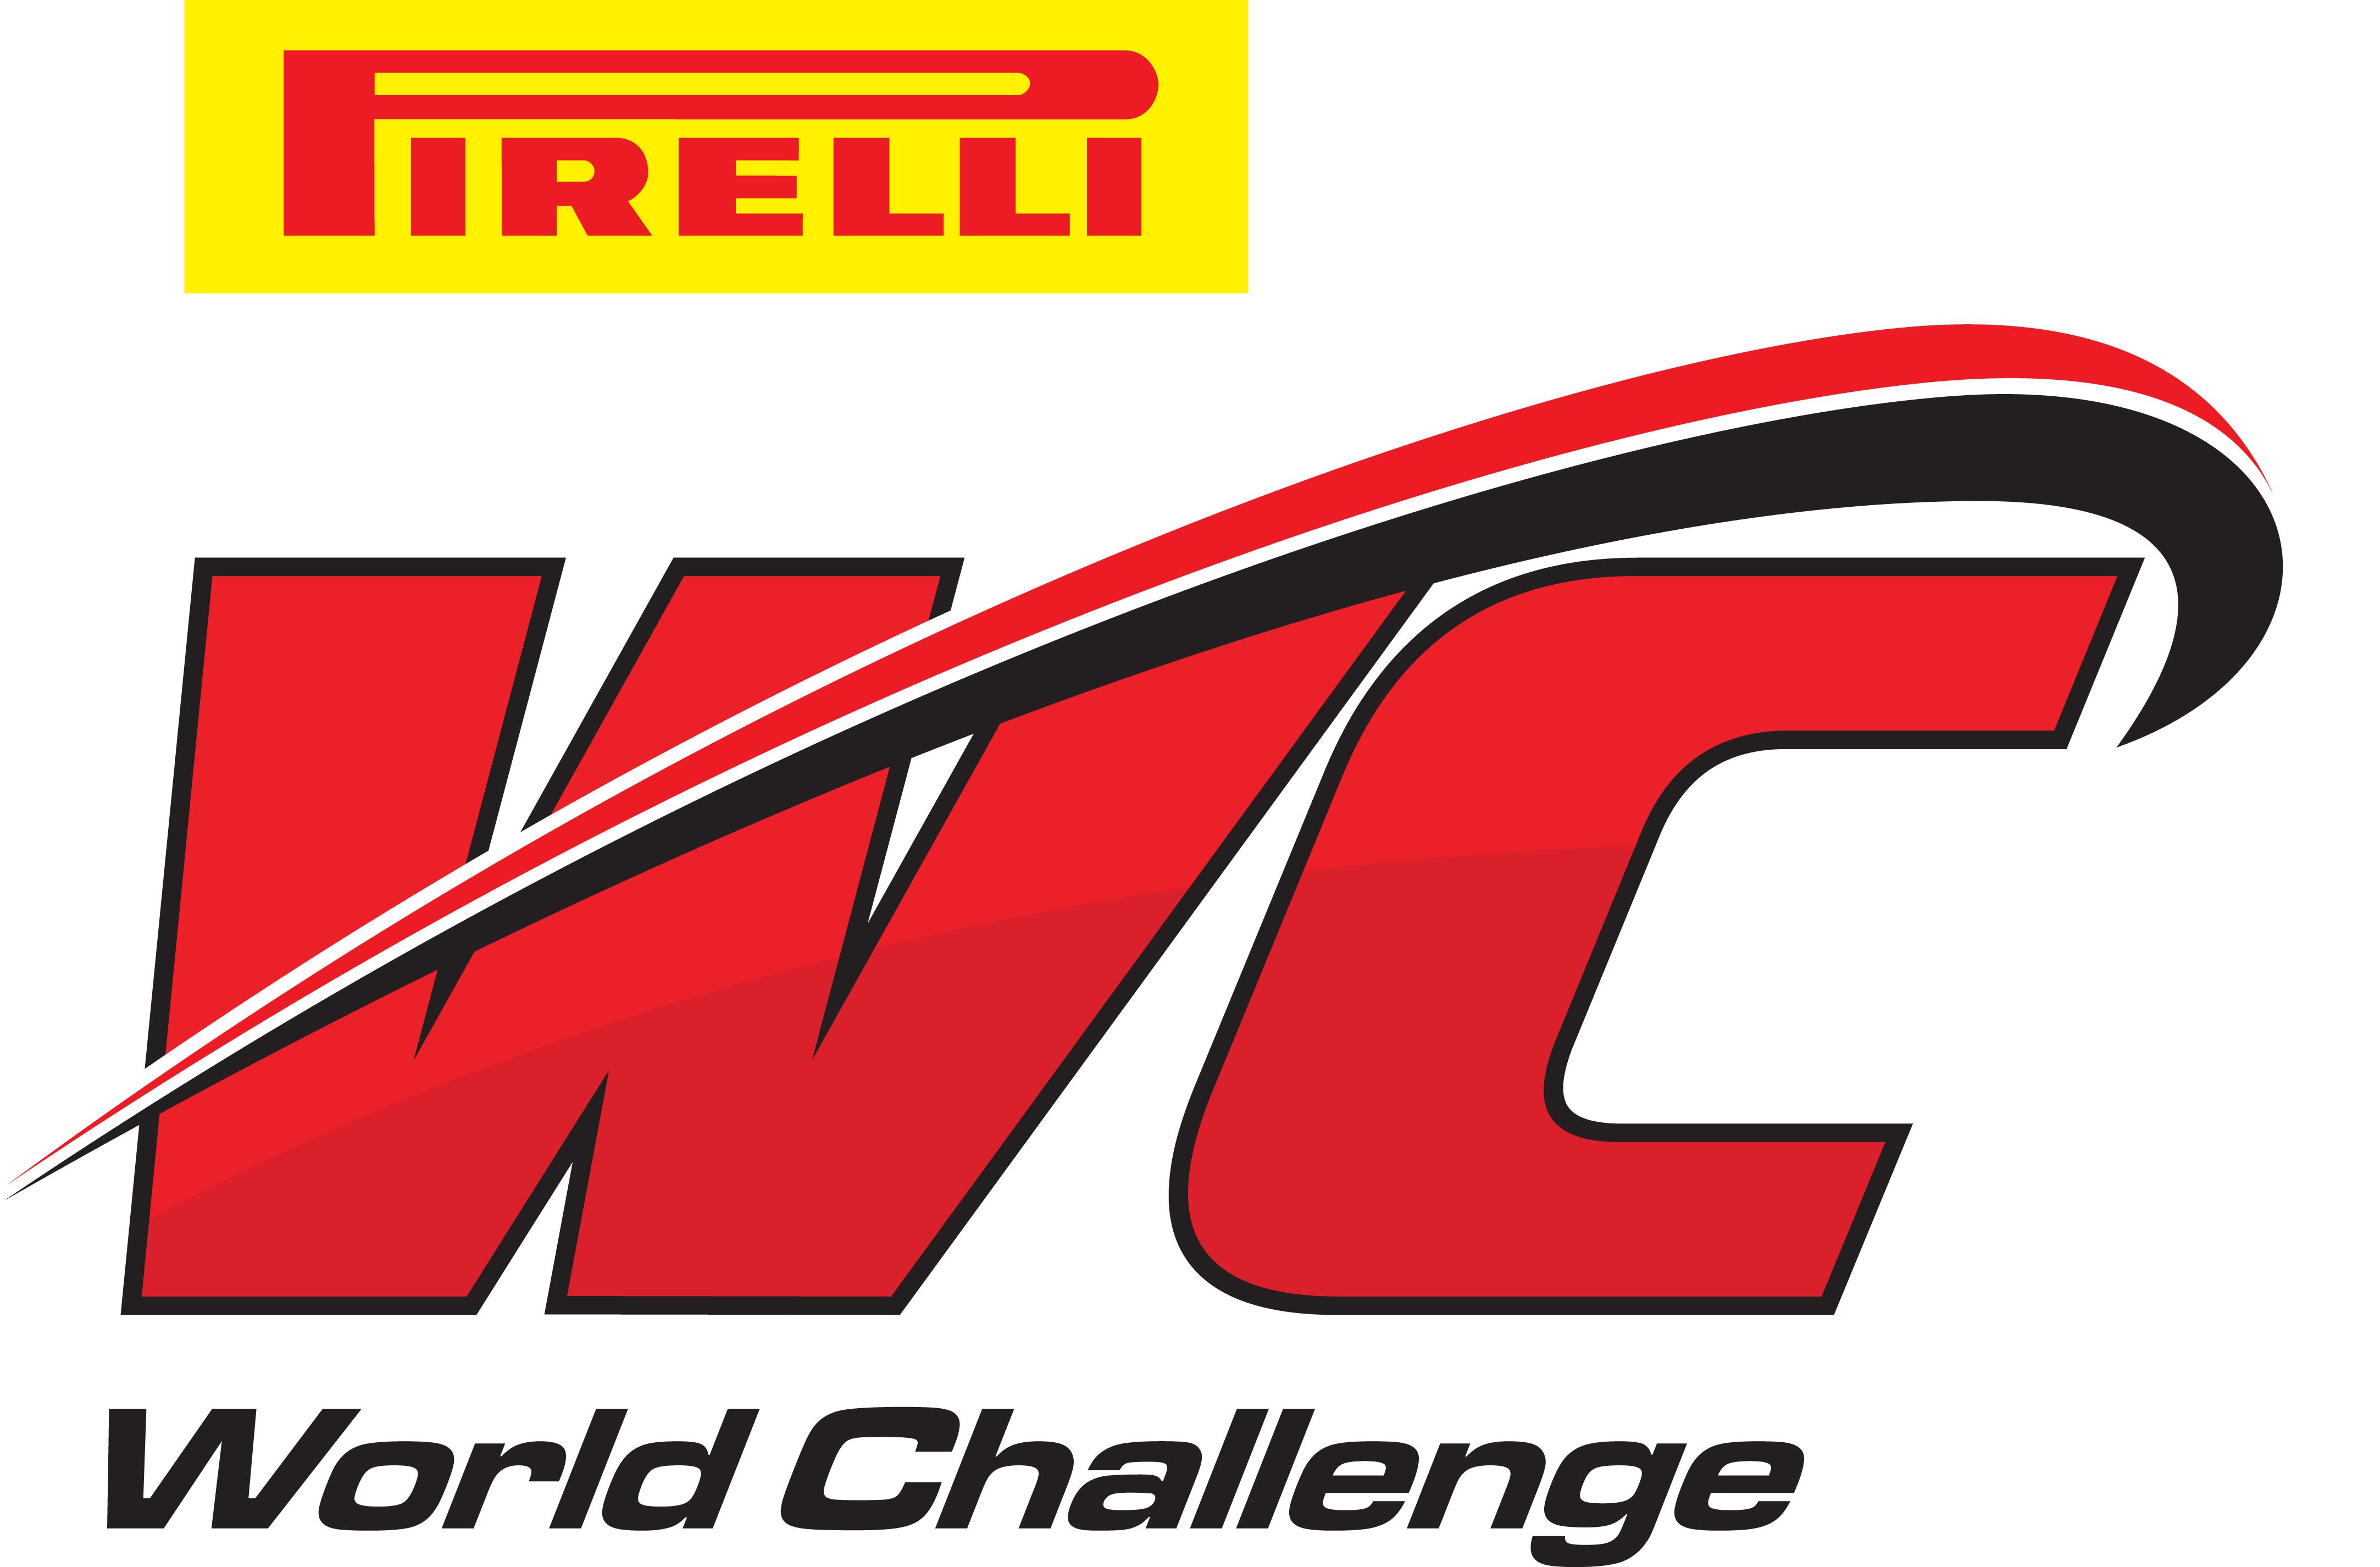 pirelli-world-challenge-white.jpg